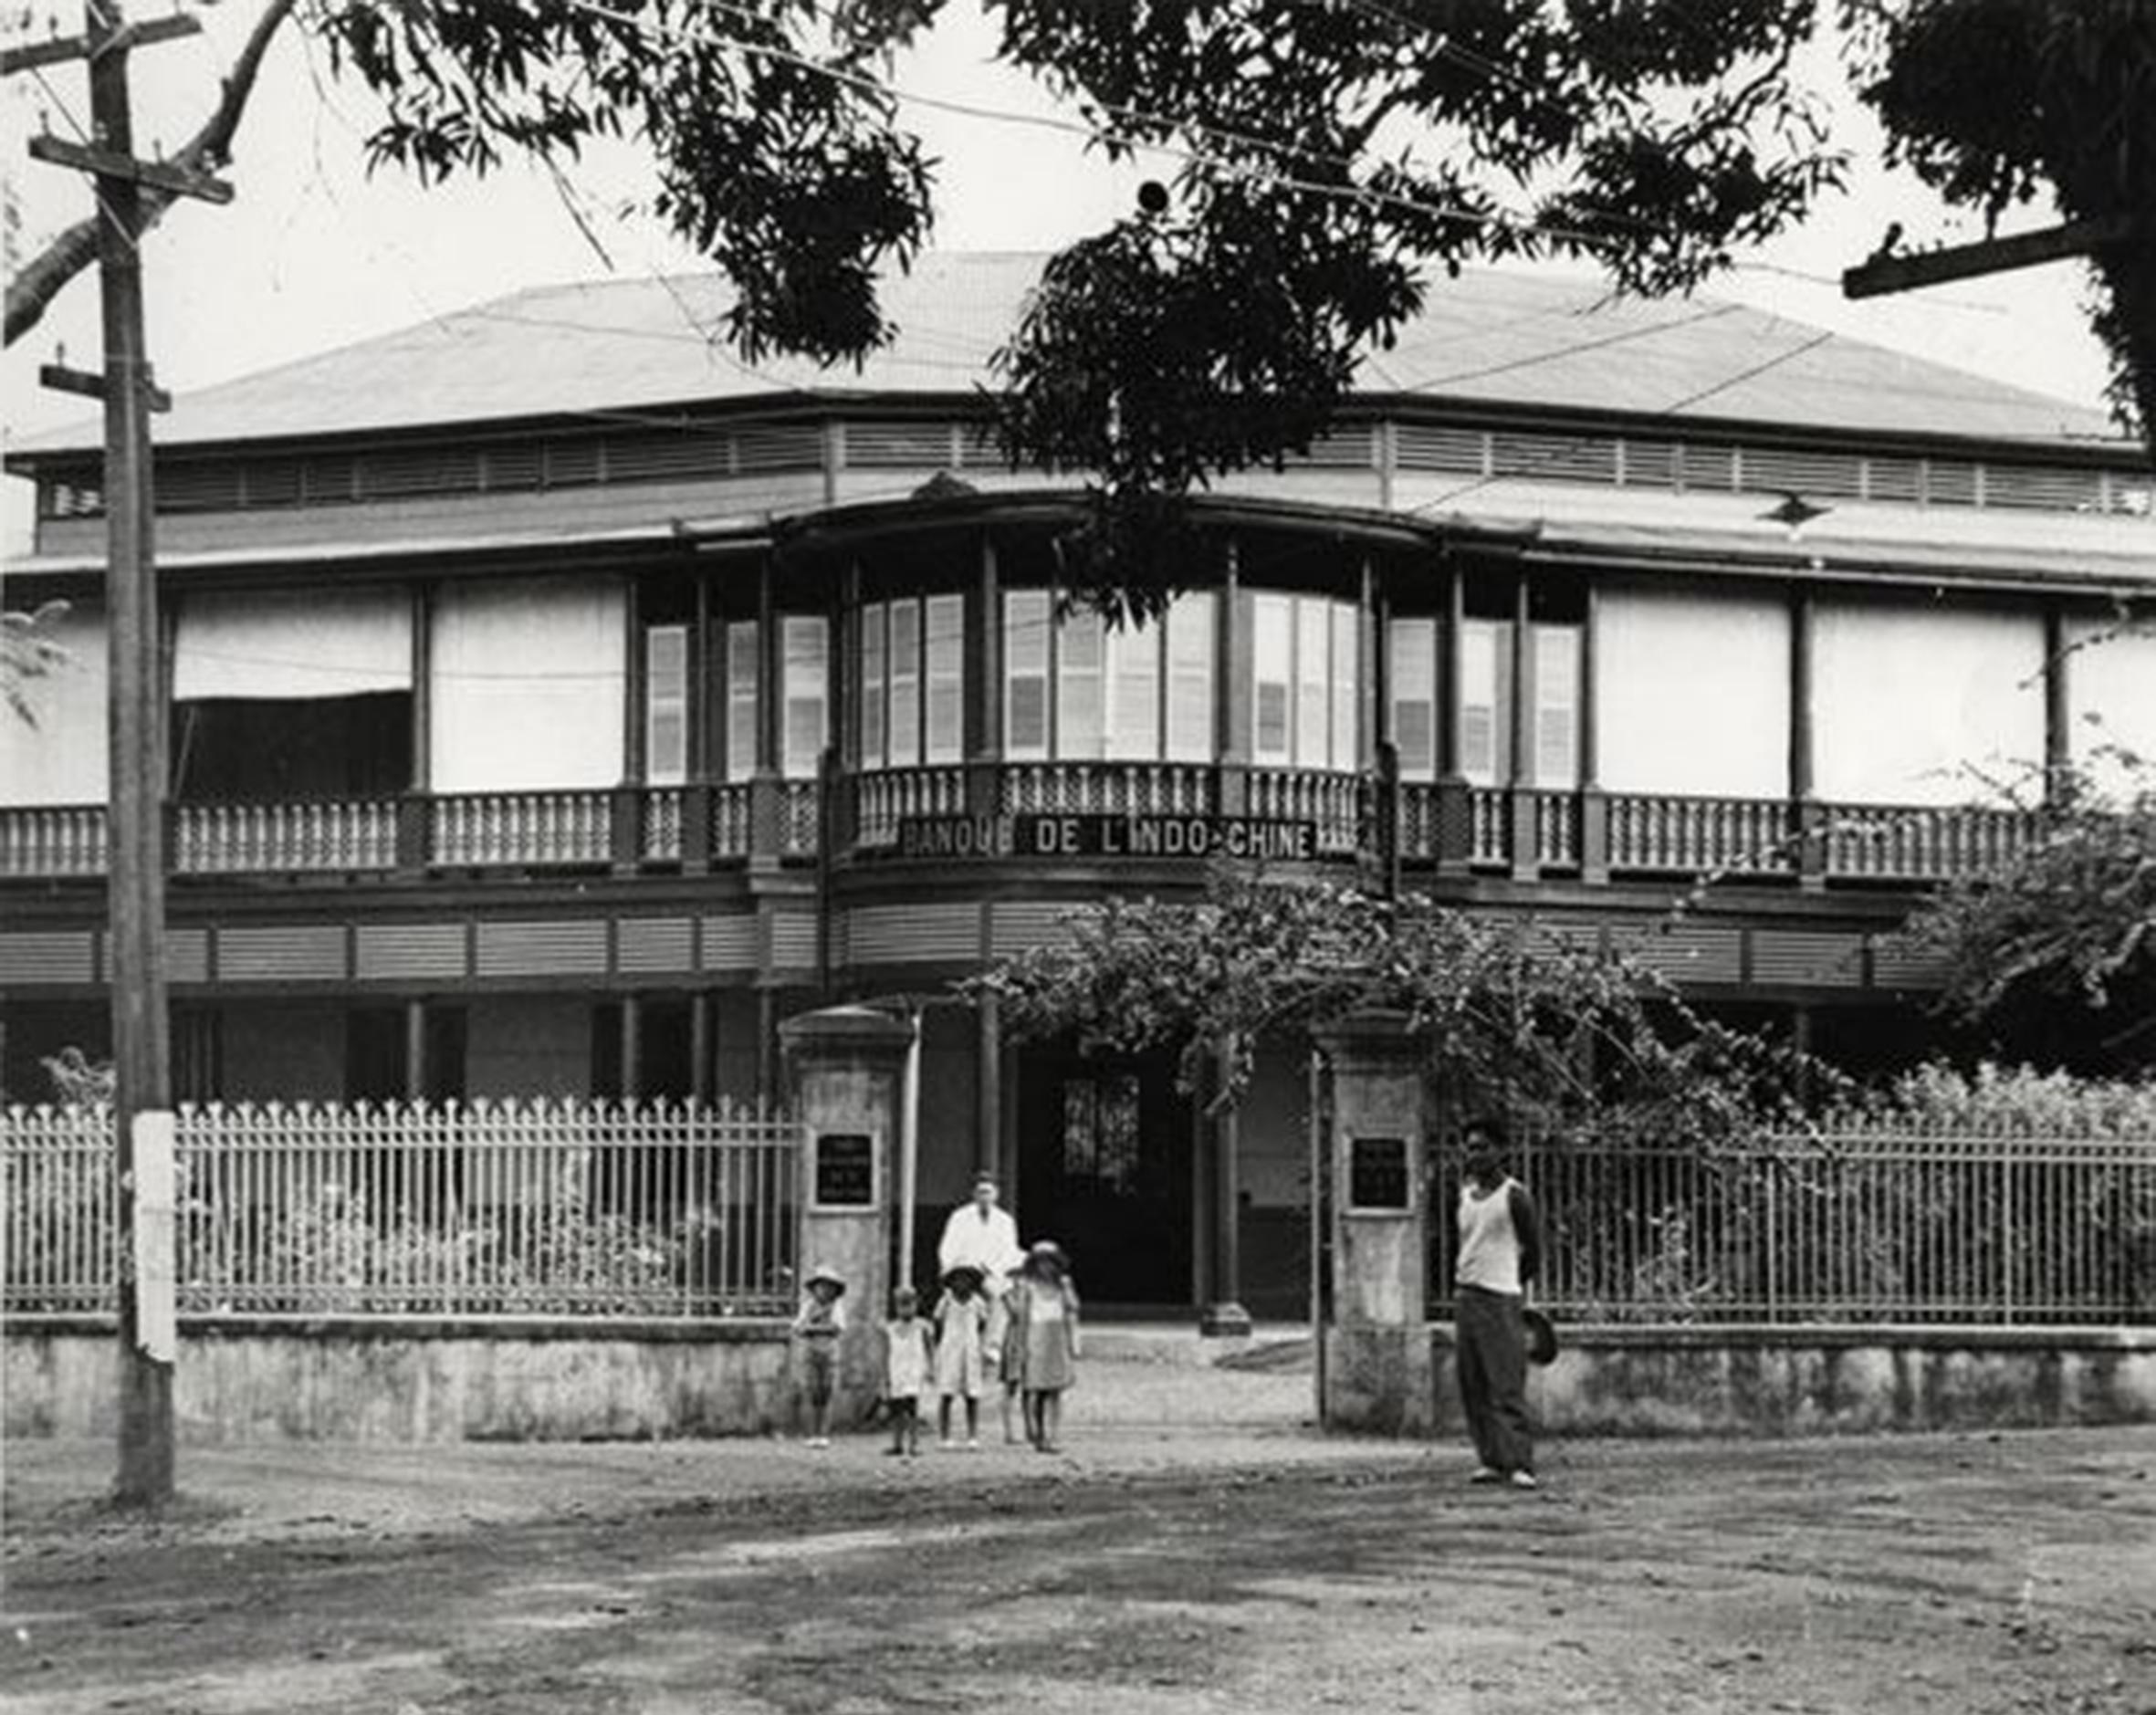 La banque d'Indochine en 1940